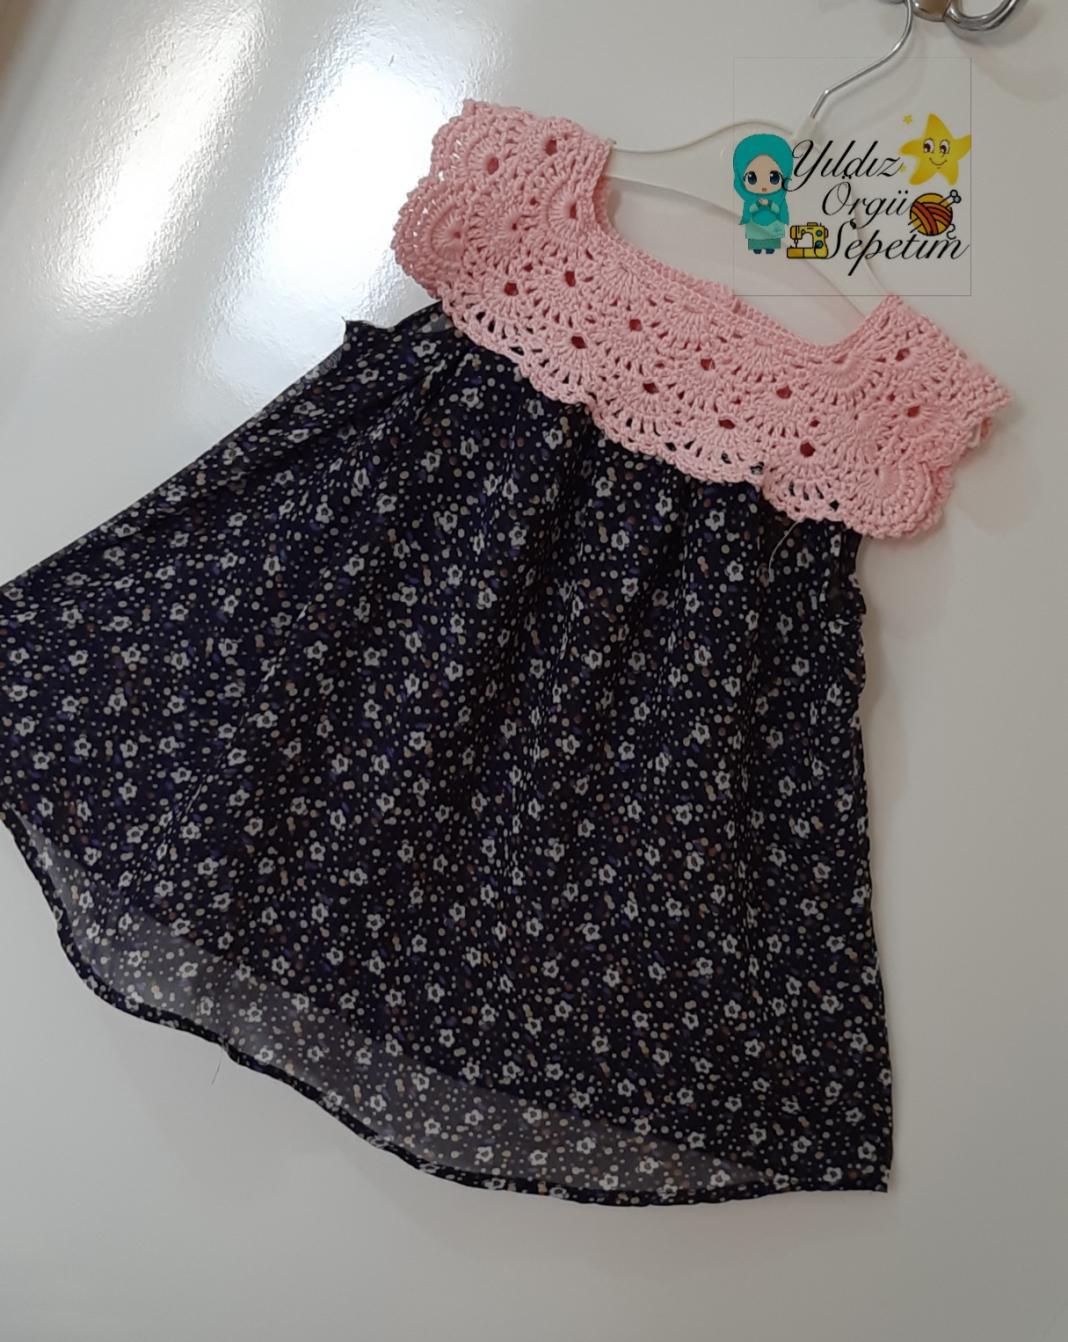 Oyuncak Bebek Elbiseleri Yapımı - Mimuu.com | 1342x1068